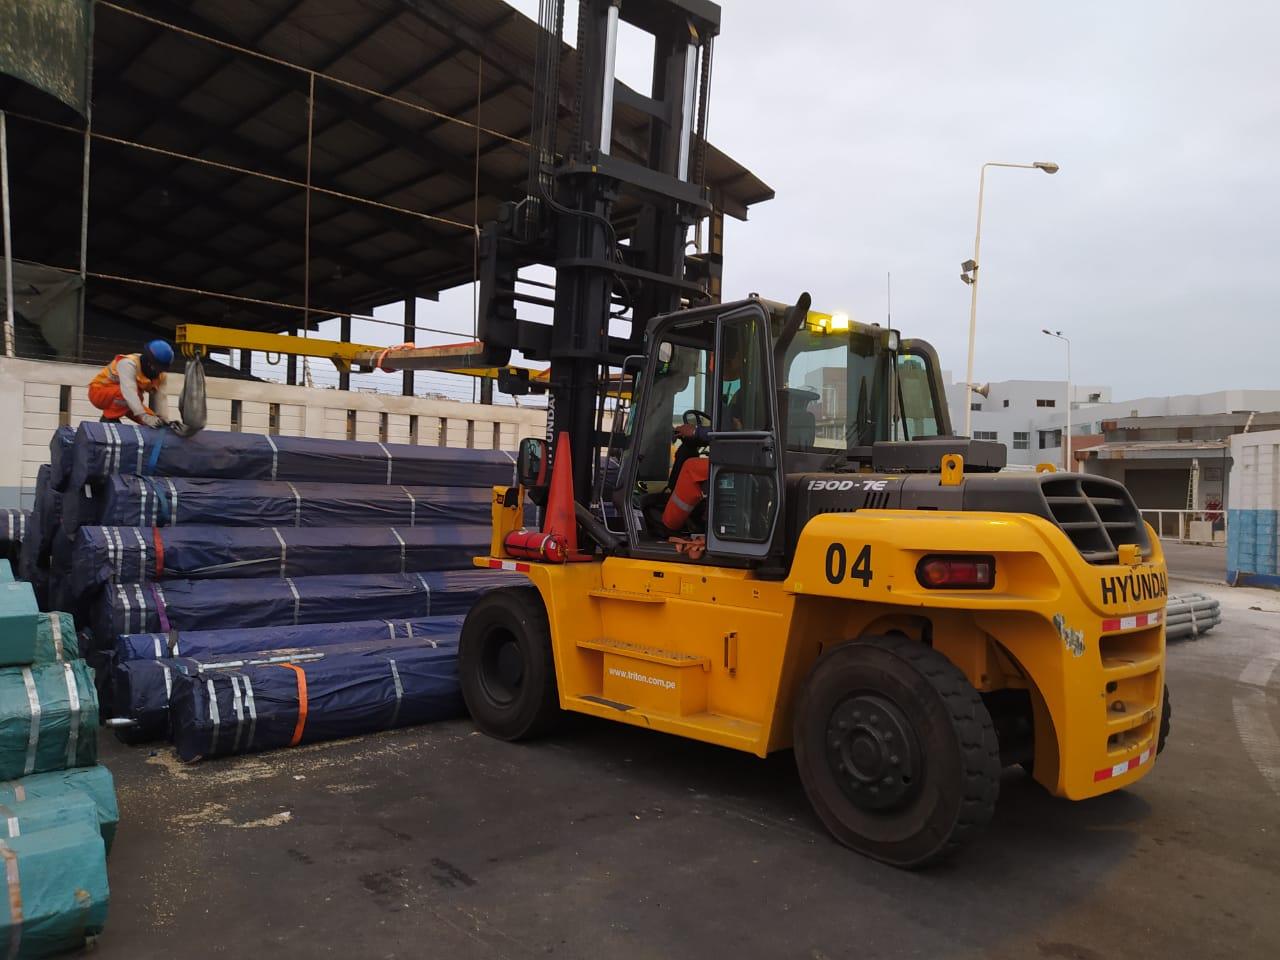 ASP-B continúa con la ampliación para la programación y despachos de mercancías en tránsito hasta el 31 de octubre